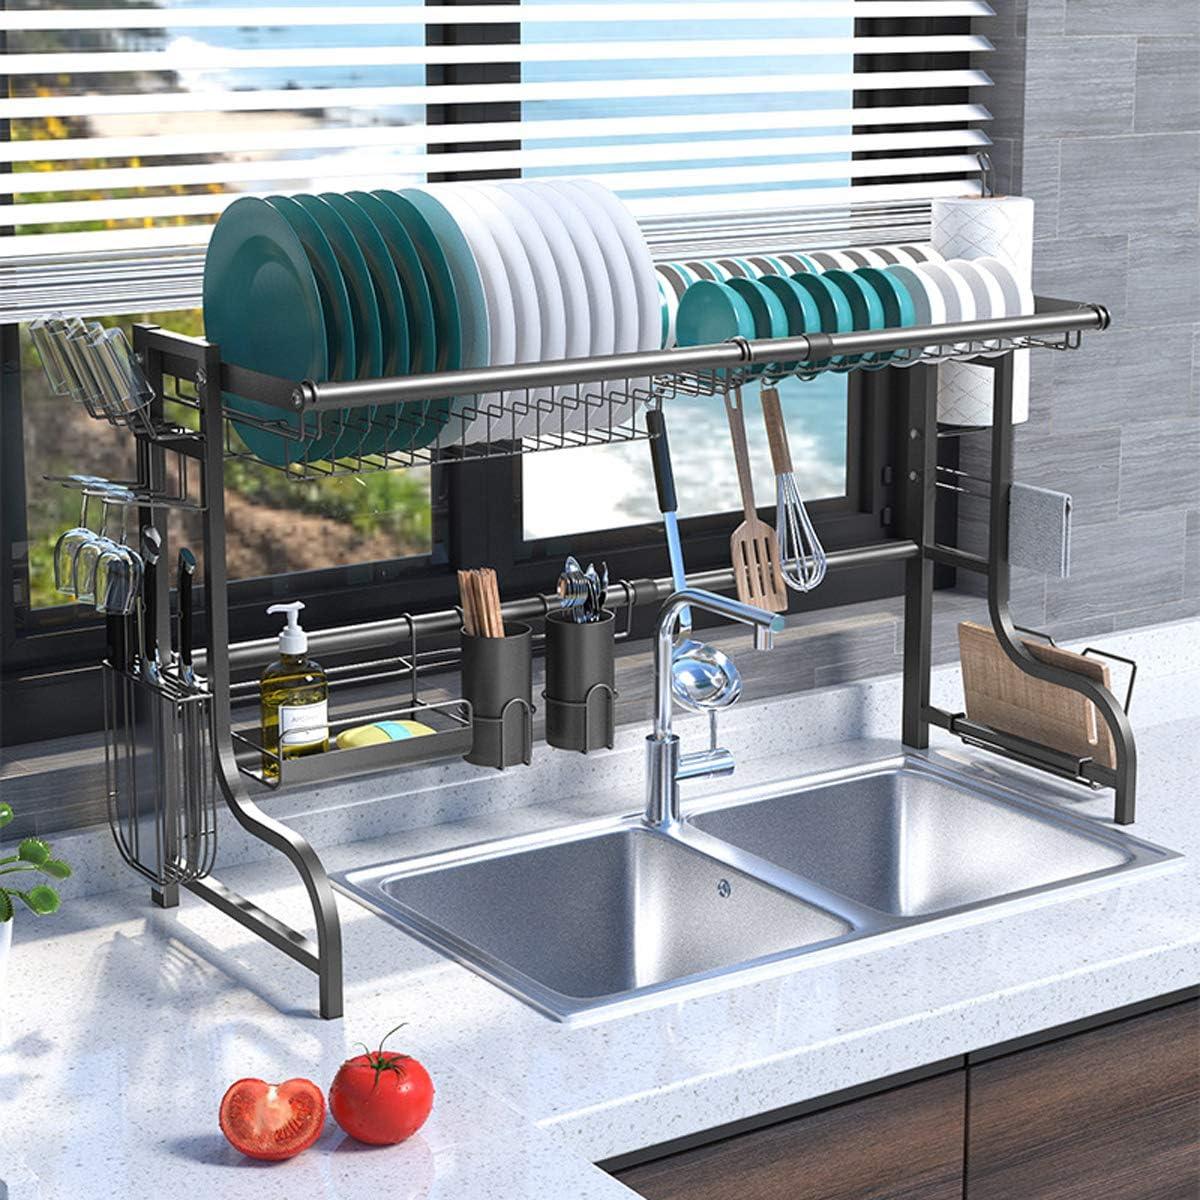 Plasaig estante de almacenamiento de suministros de cocina organizador de mostrador acero inoxidable. escurridores de platos para encimera de cocina Estante para platos de cocina